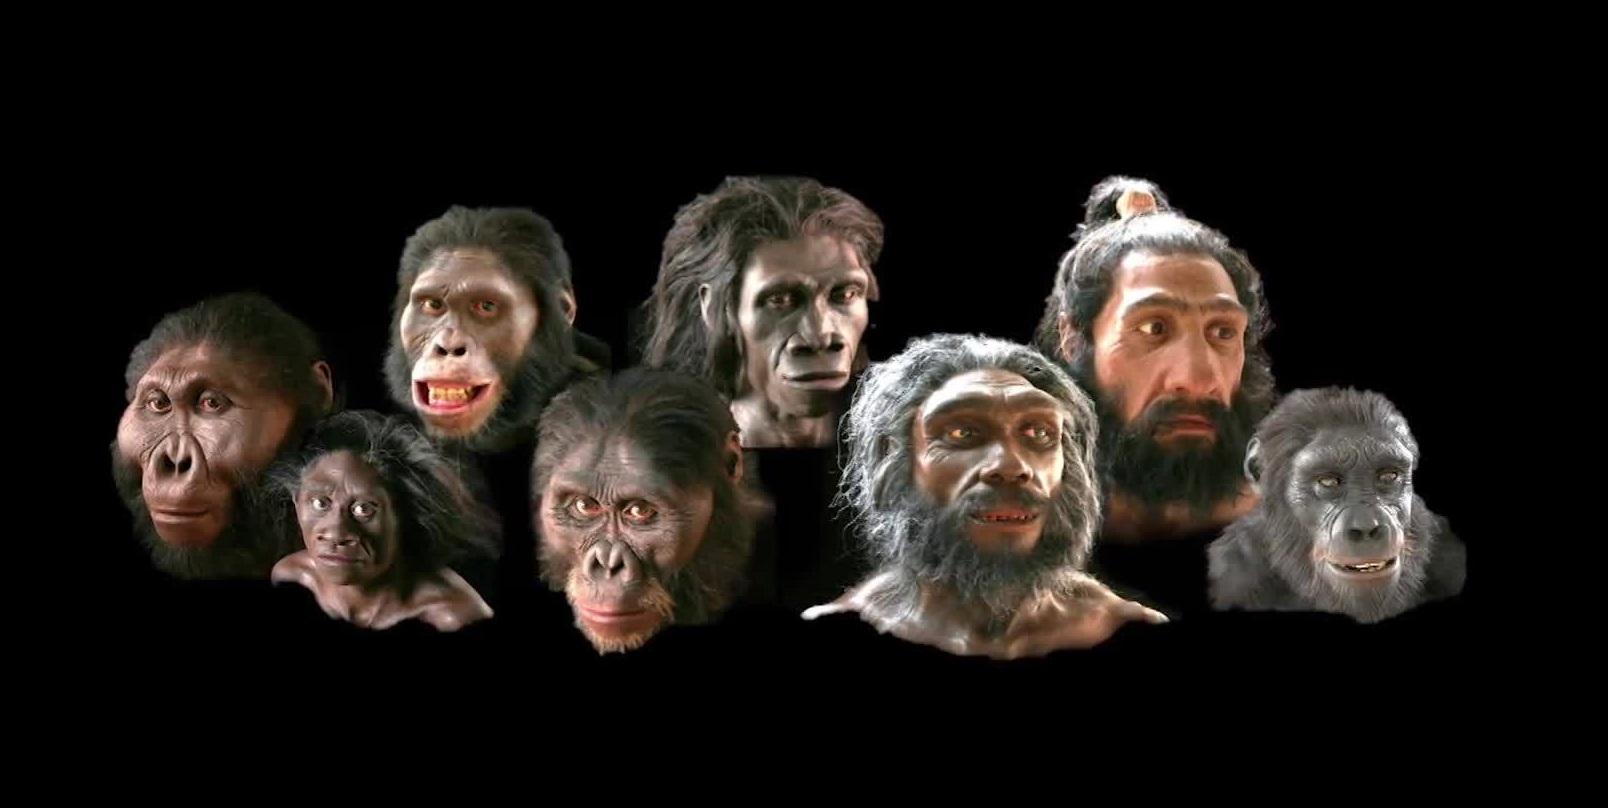 Khuôn mặt con người thay đổi thế nào sau 6 triệu năm?